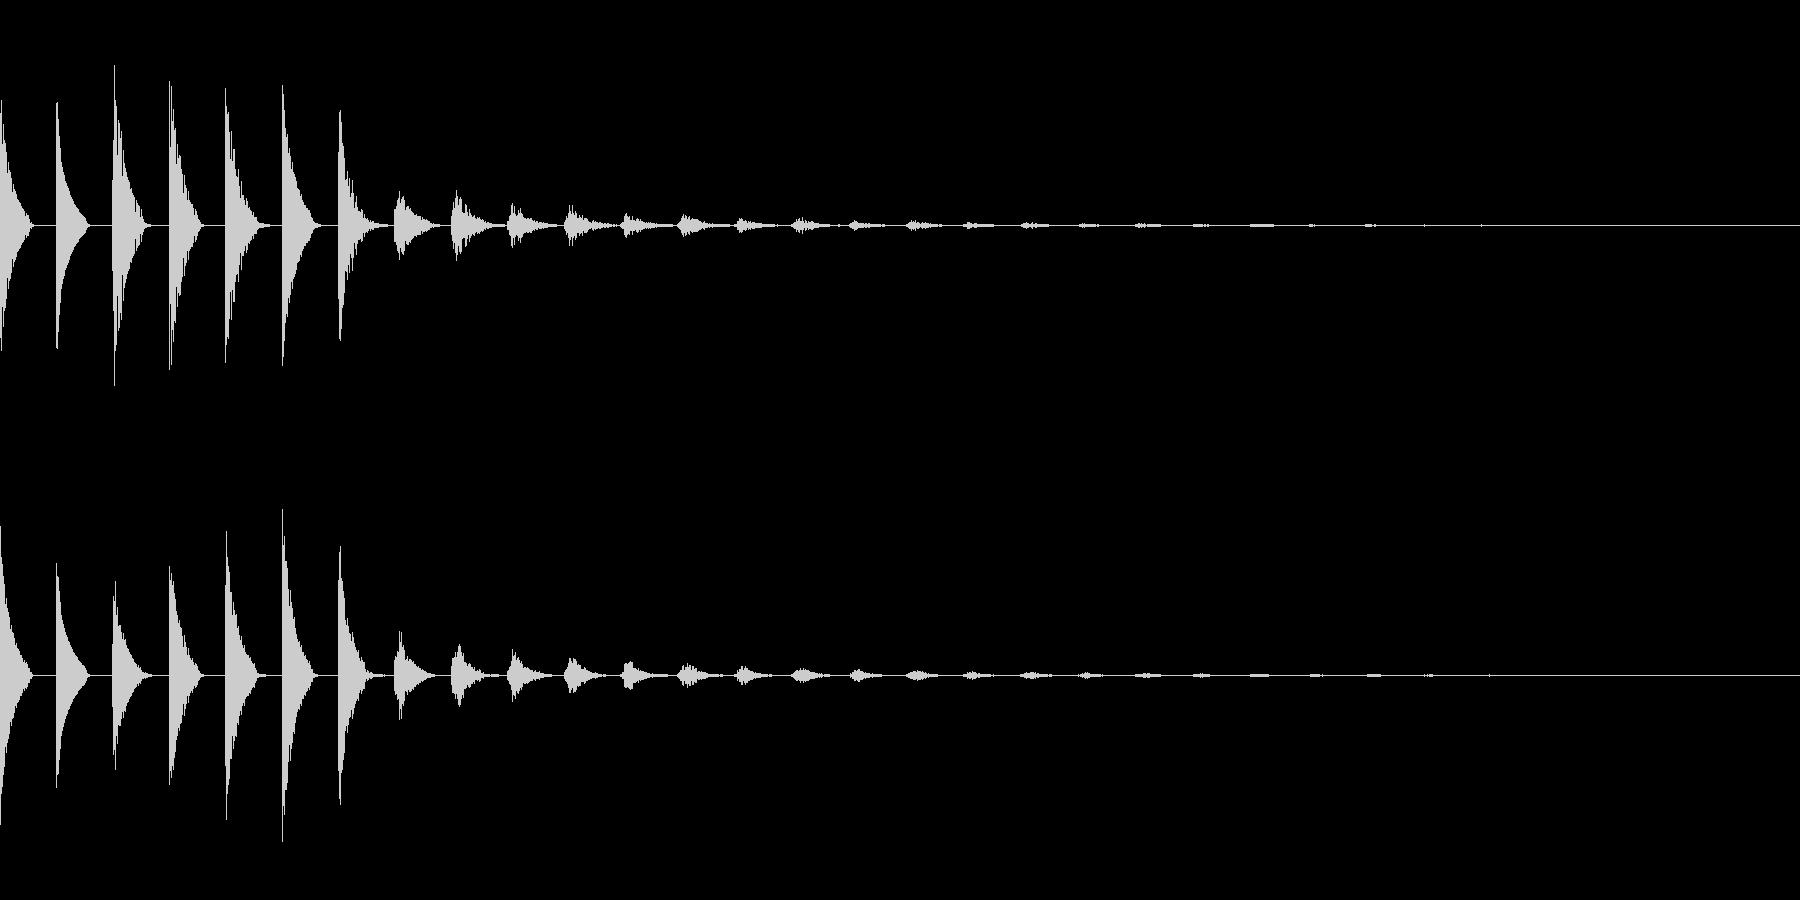 ピコピコSF宇宙なアンビエント/深海の未再生の波形